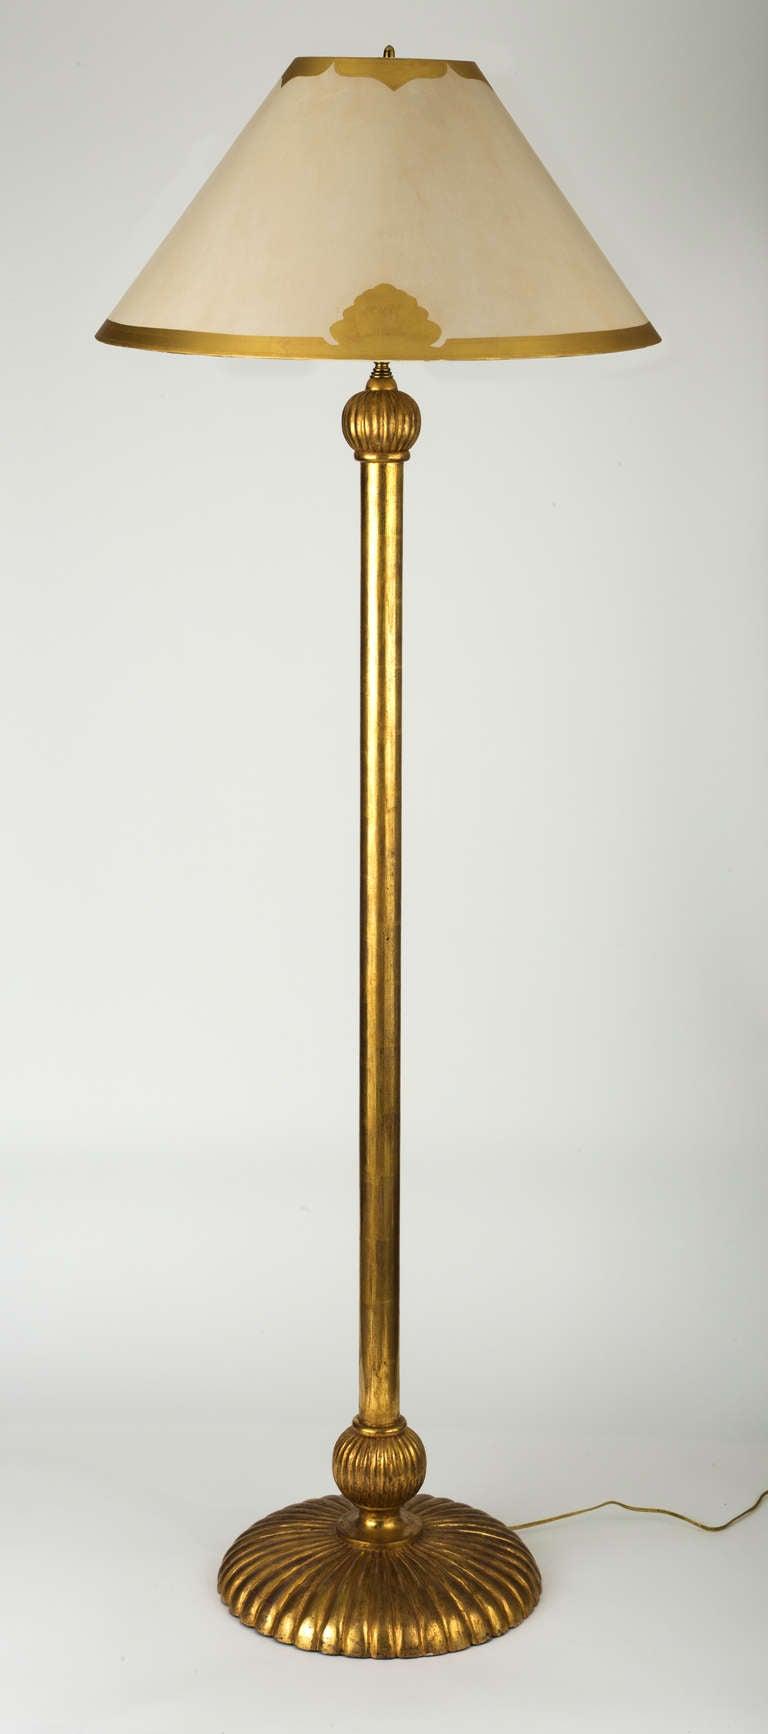 Simple Tall Gilt Floor Lamp At 1stdibs